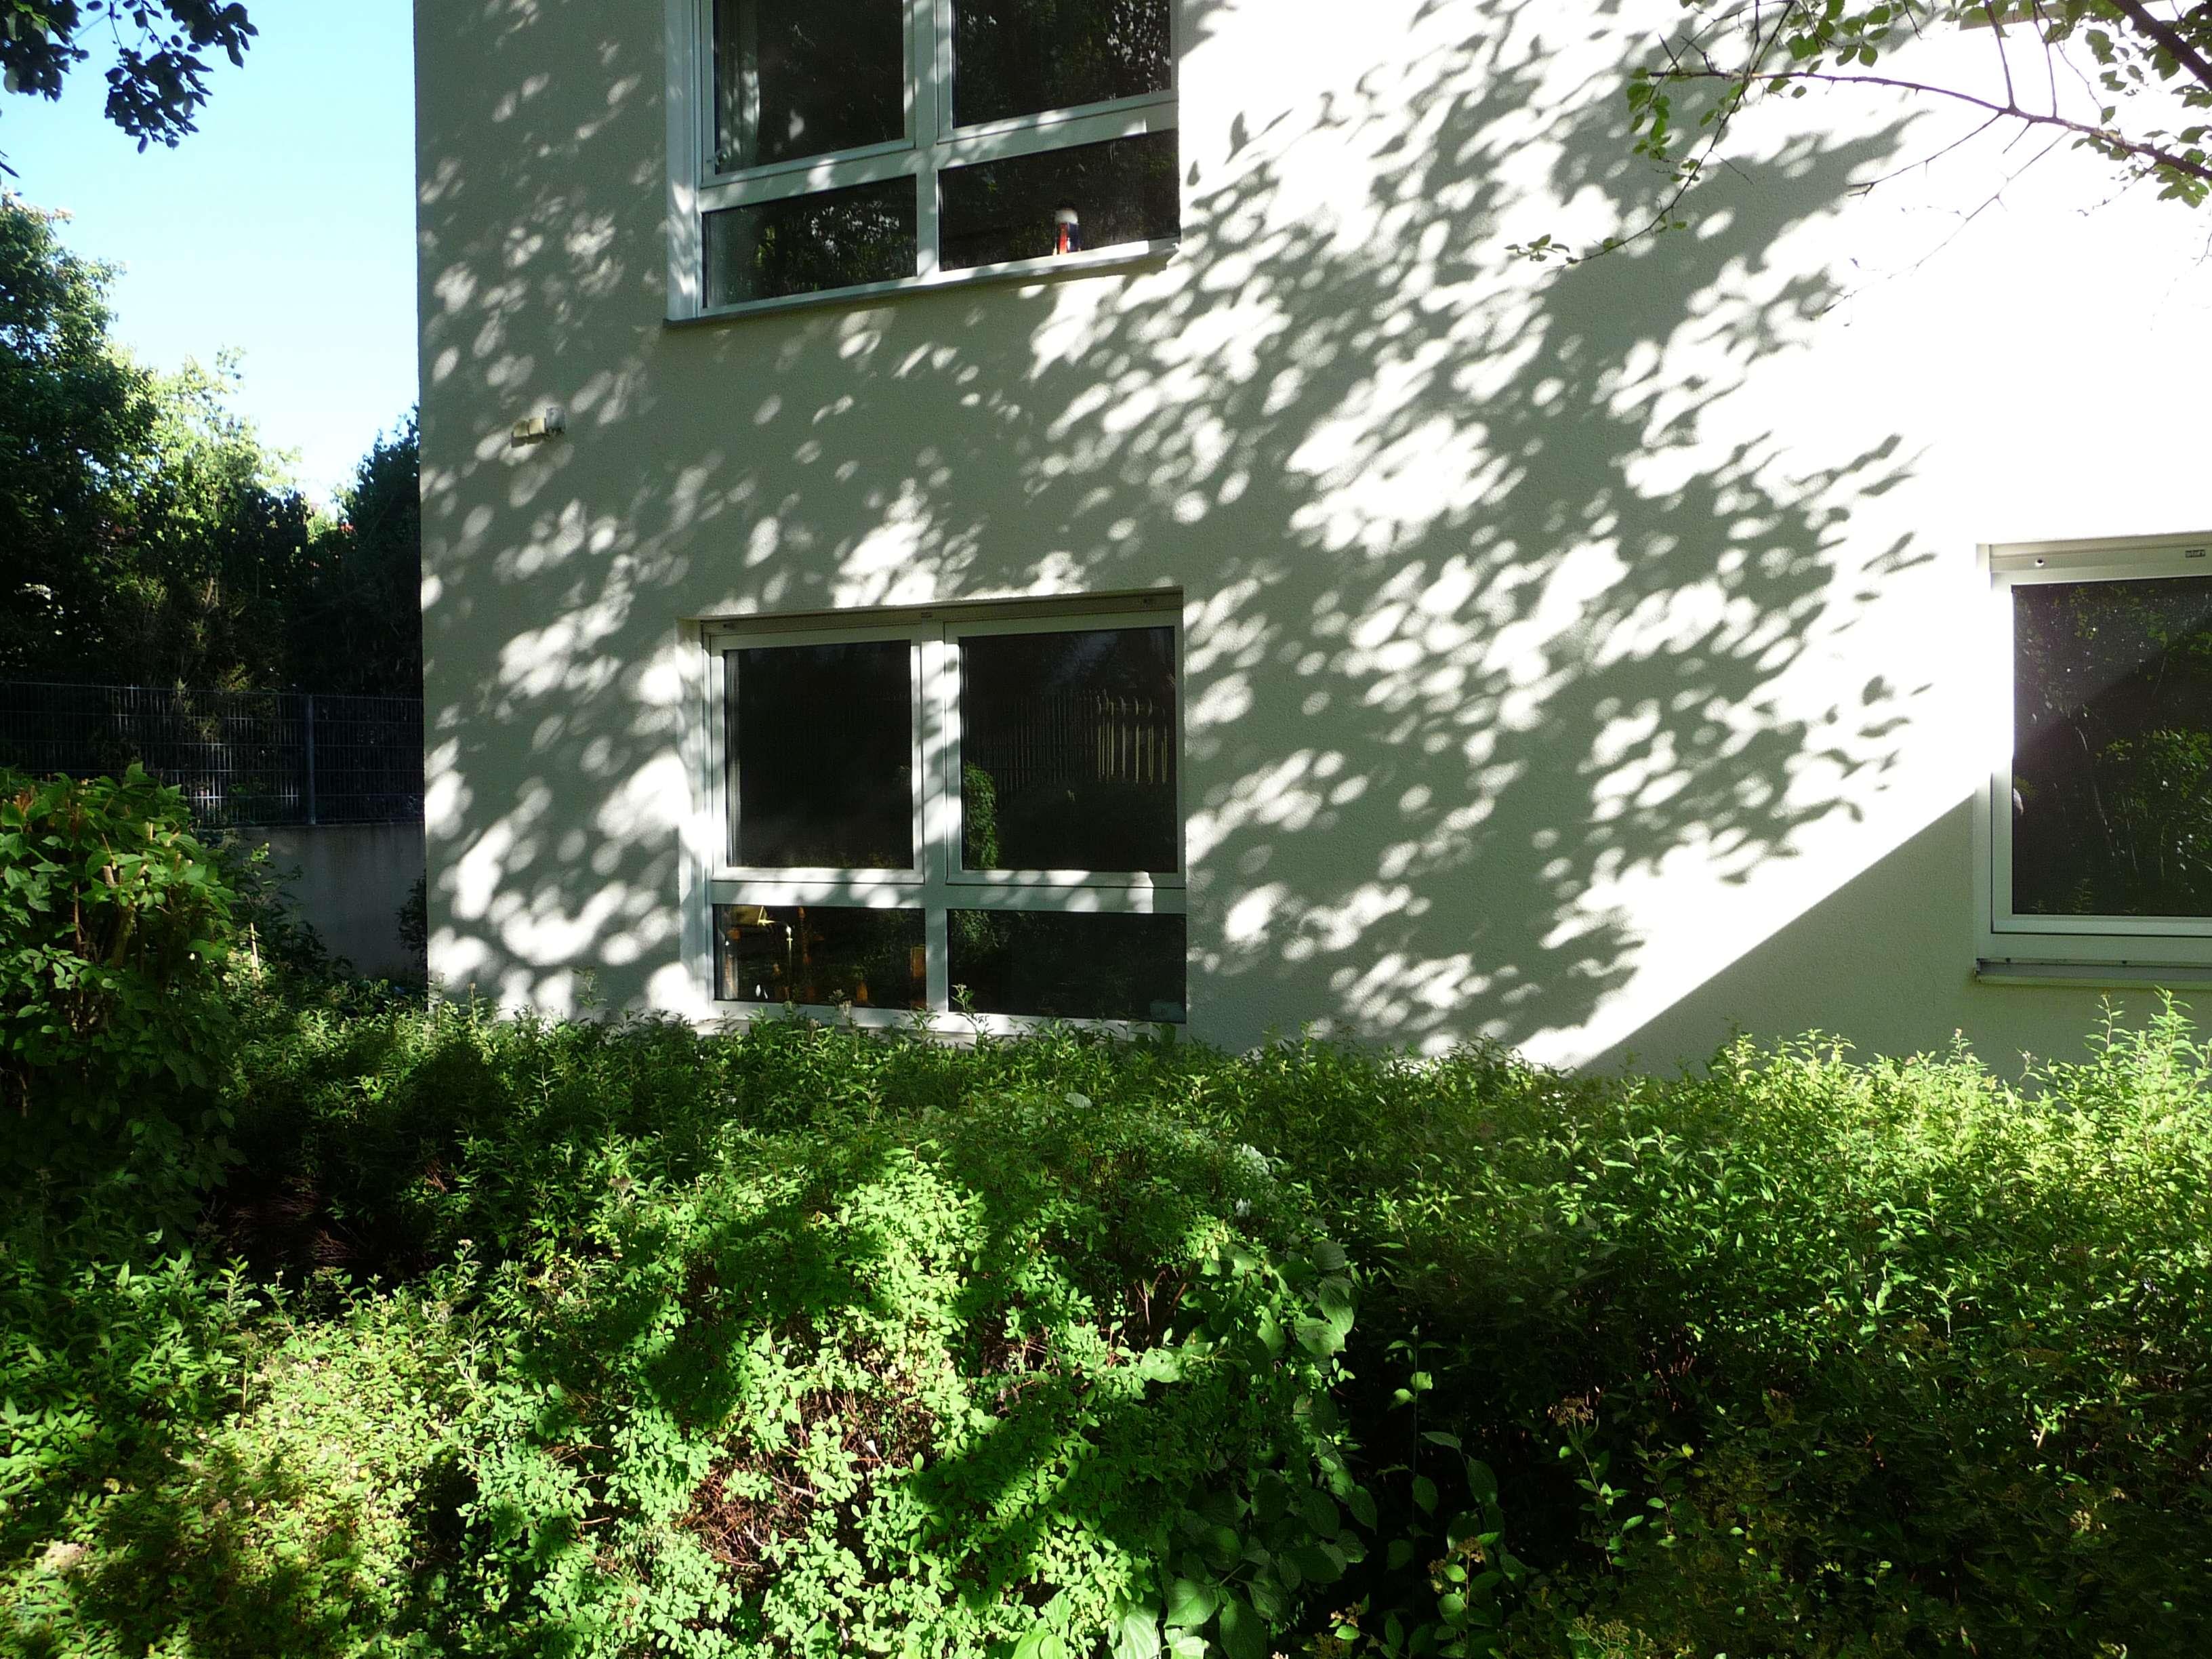 ...am Rande von Nürnberg St.Jobst: herrliches Wohnen...im Grünen und doch nahe an der Stadt in St. Jobst (Nürnberg)